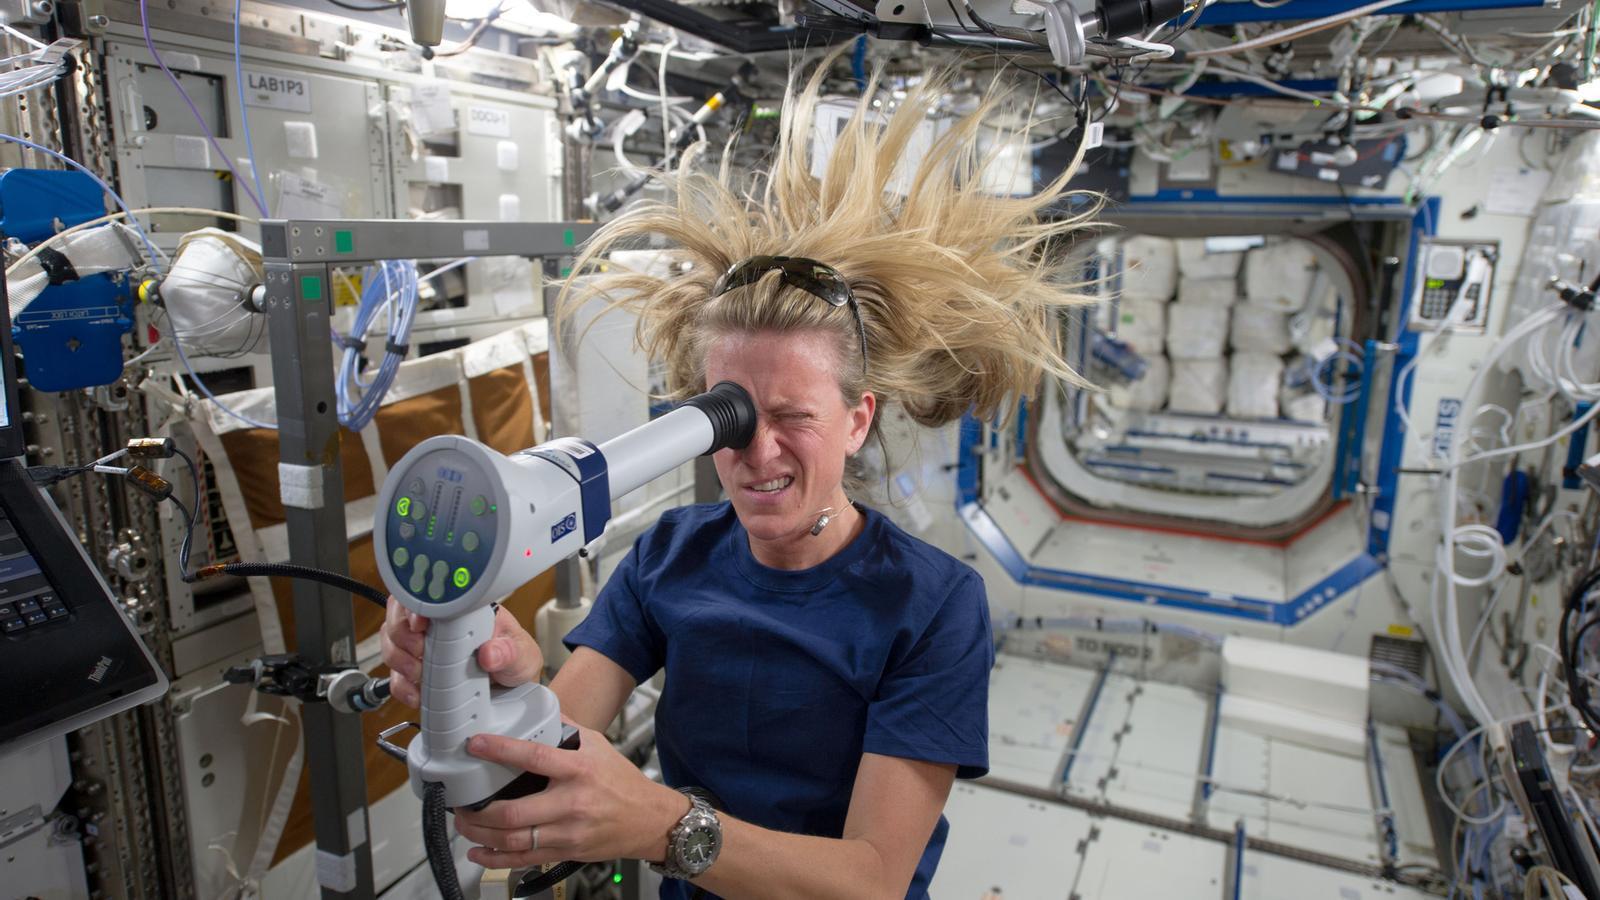 L'astronauta Karen Nyberg s'examina l'ull, que a l'espai ha de suportar una pressió que sovint posa en risc la salut dels astronautes / NASA